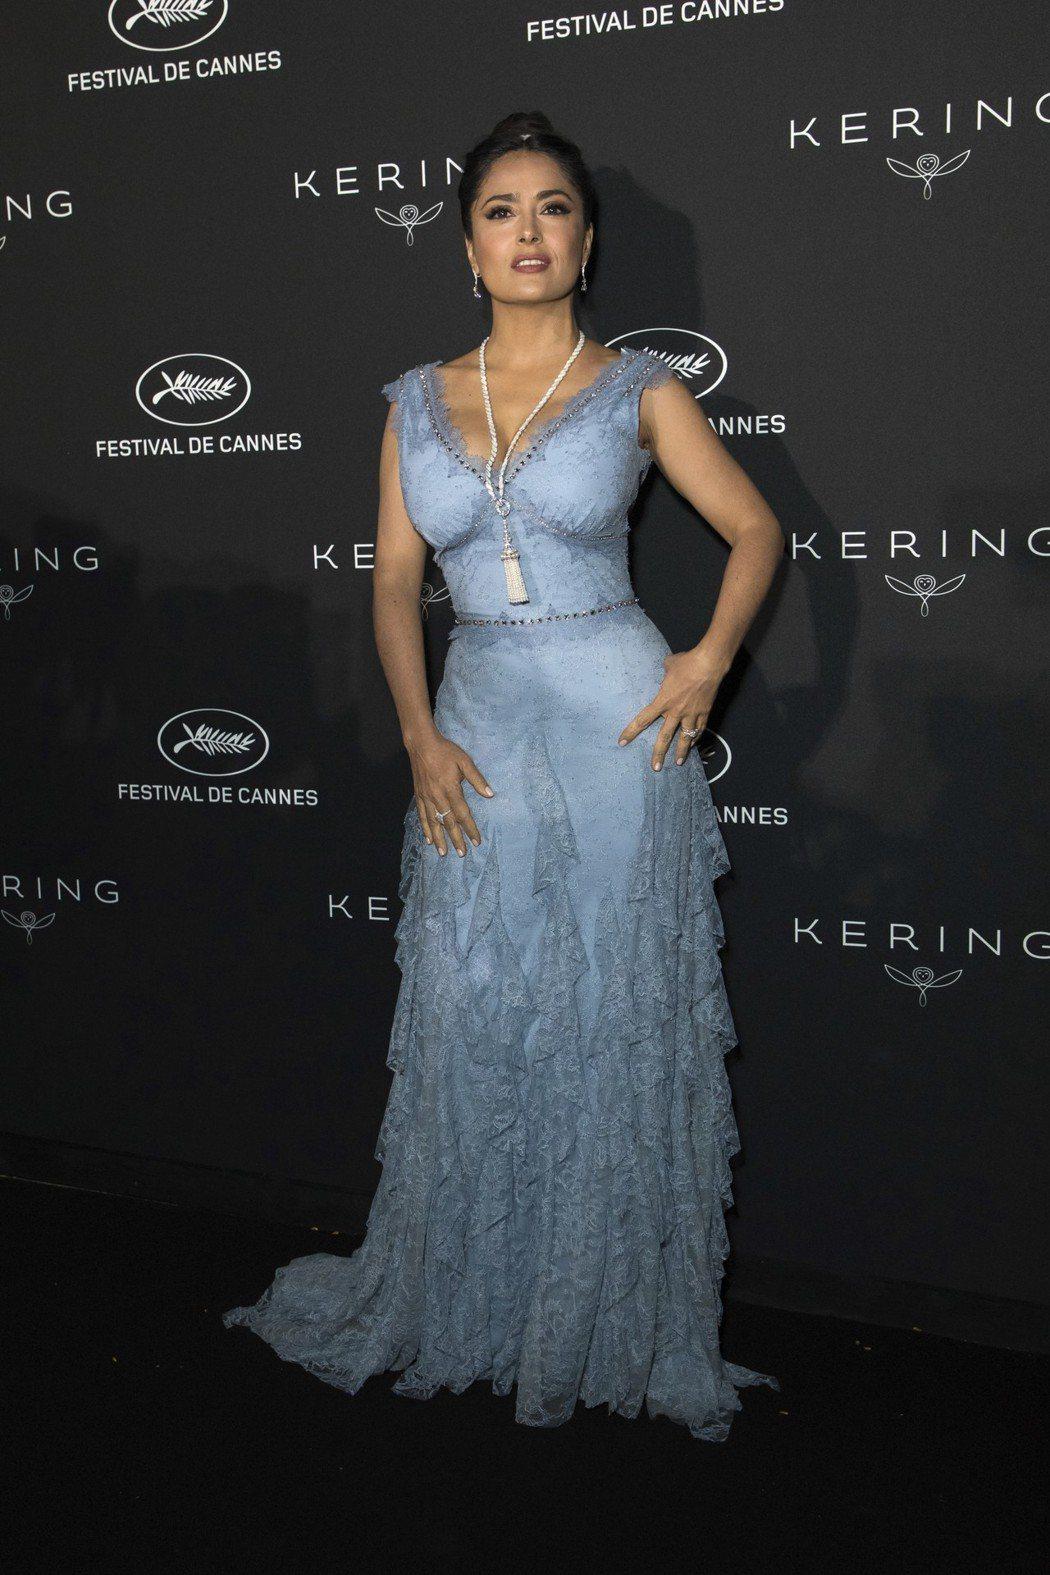 莎瑪海耶克在坎城影展上呼籲影業男女演員應同工同酬。 圖/美聯社